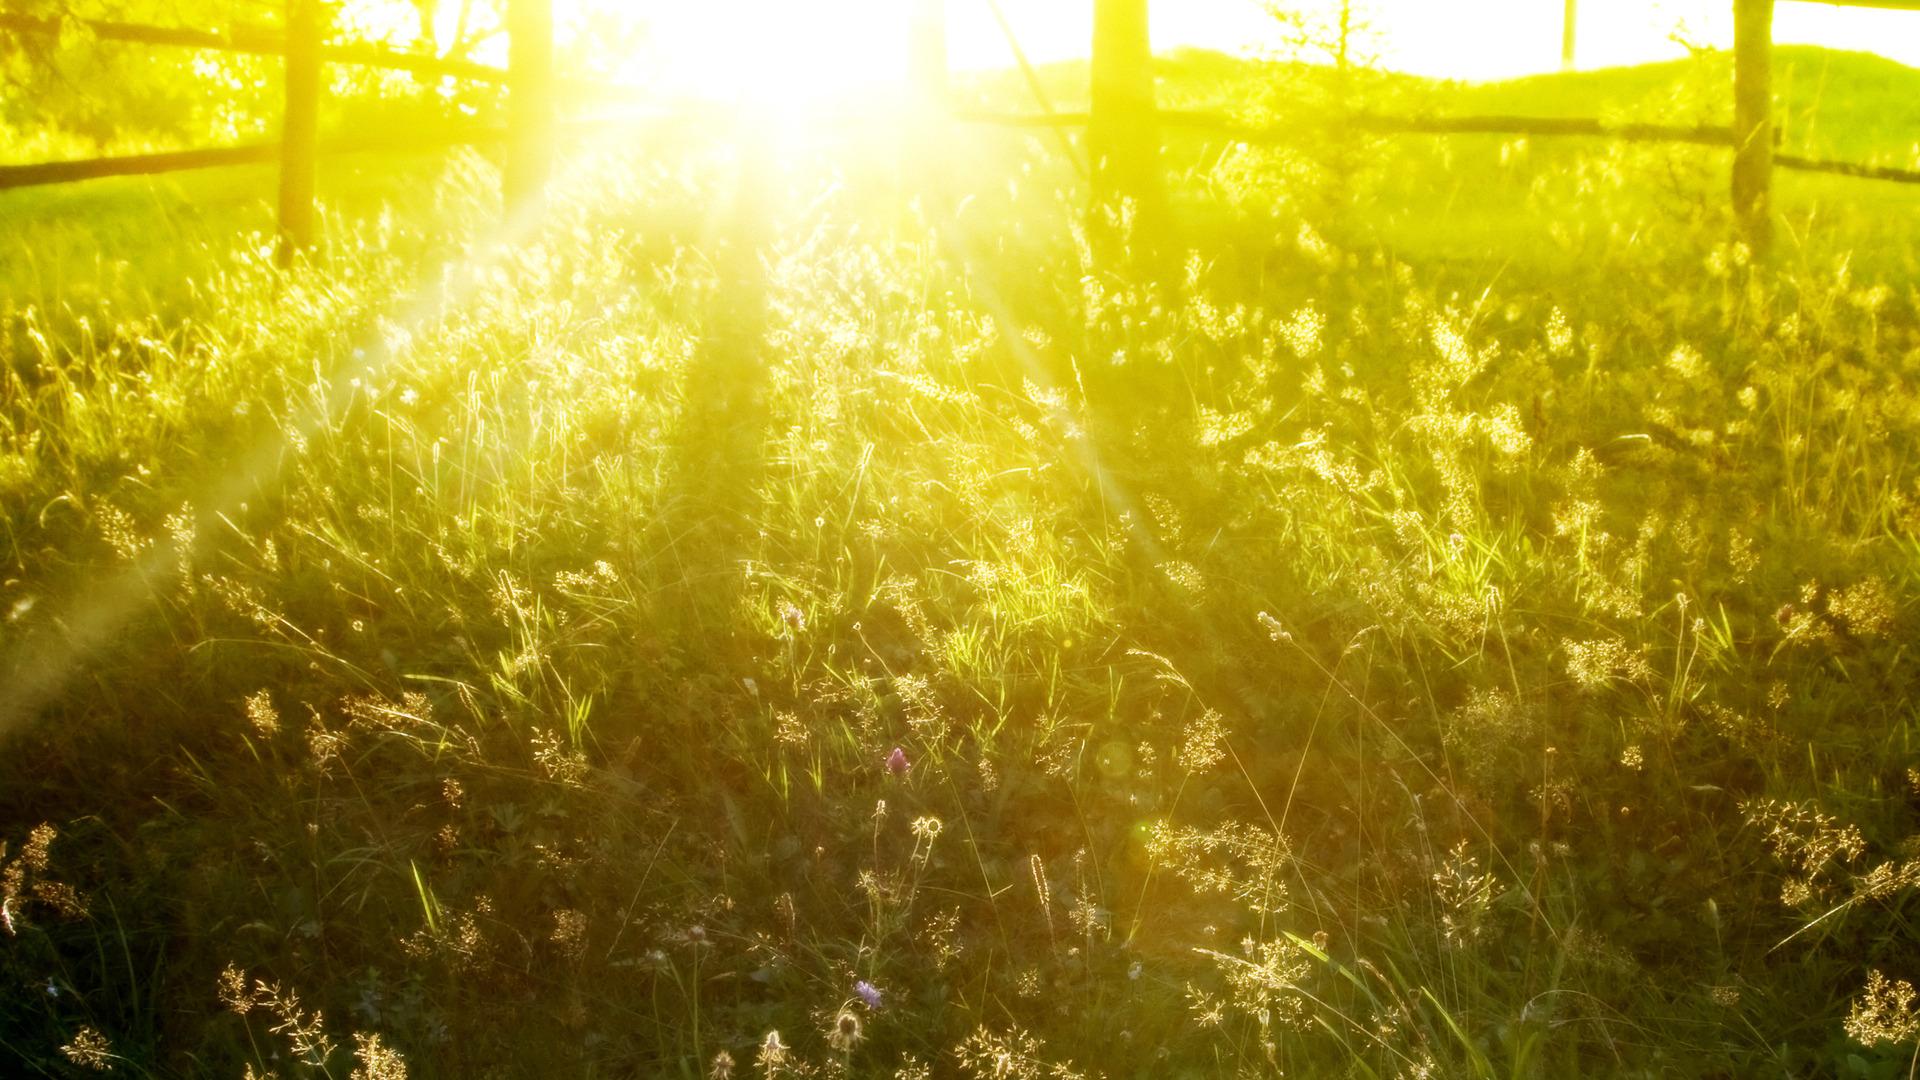 sun shine background